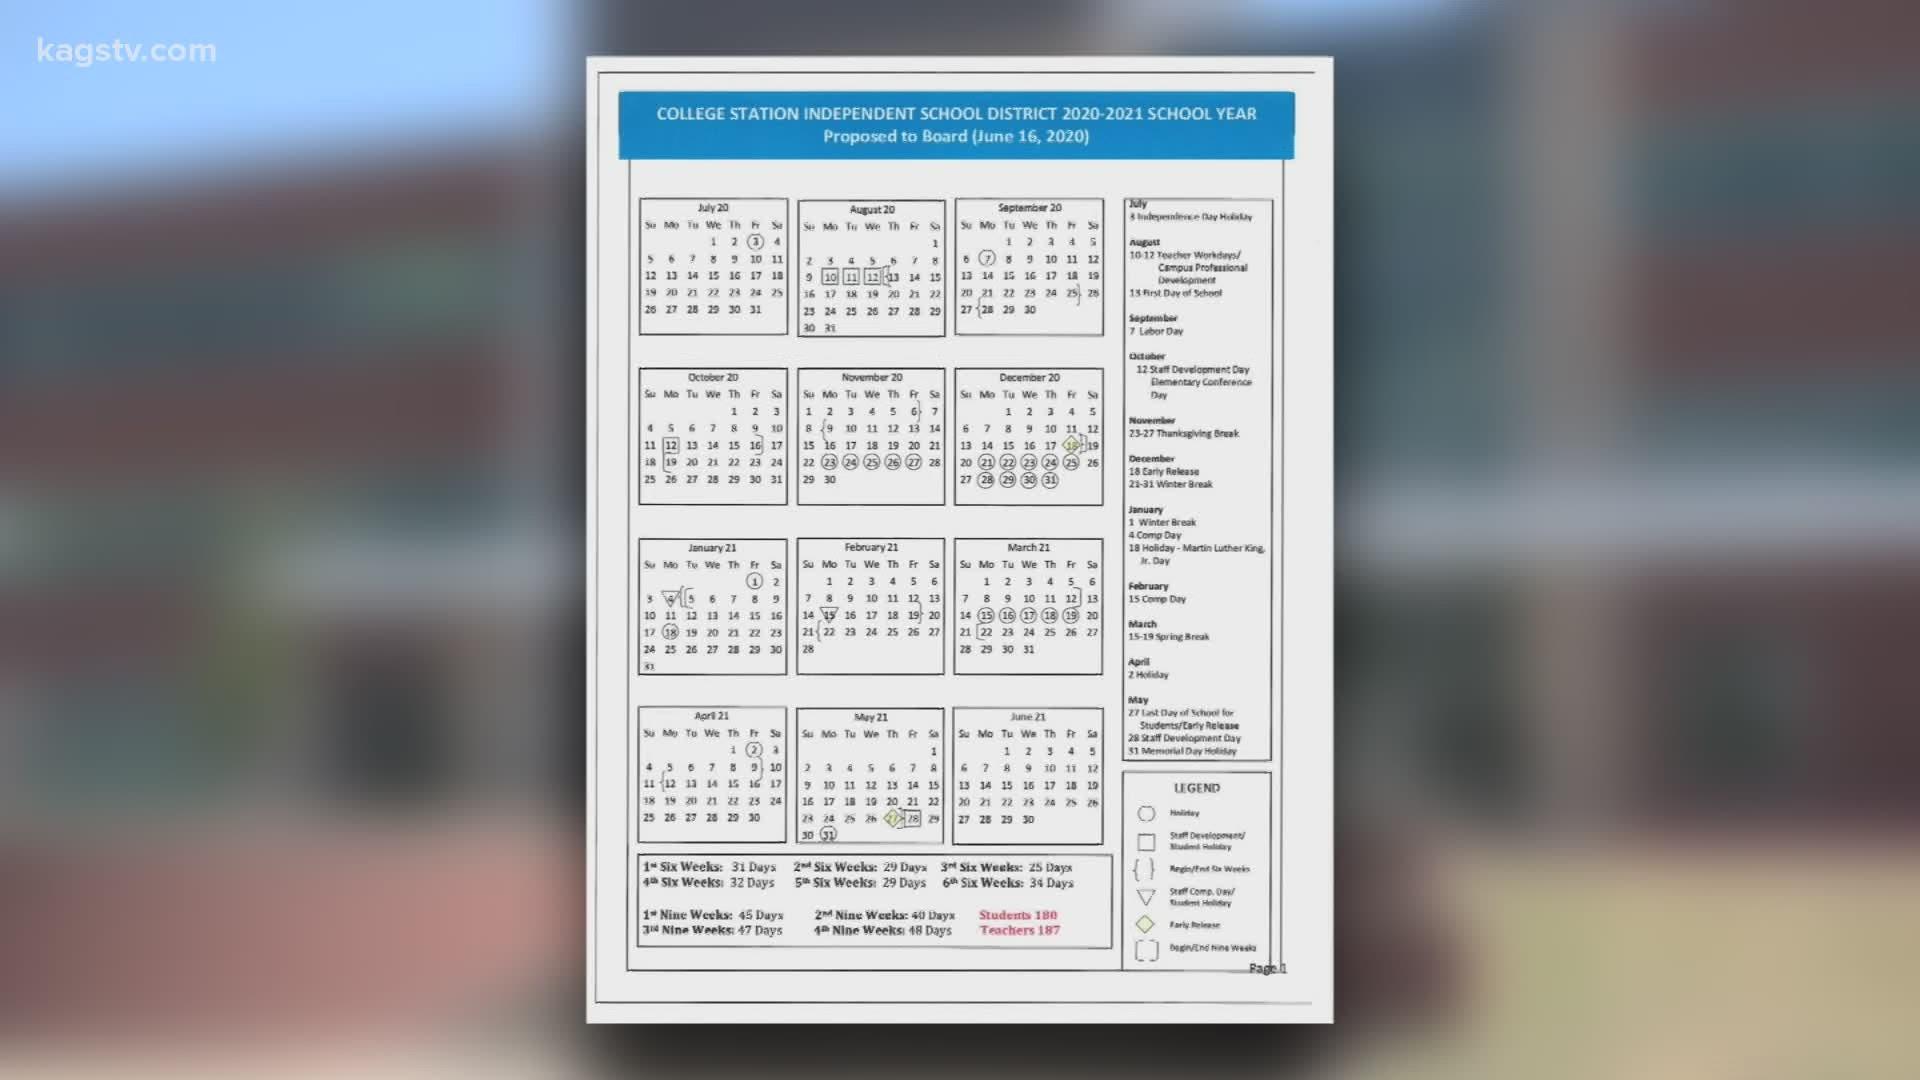 College Station ISD revises 2020 2021 calendar | kagstv.com